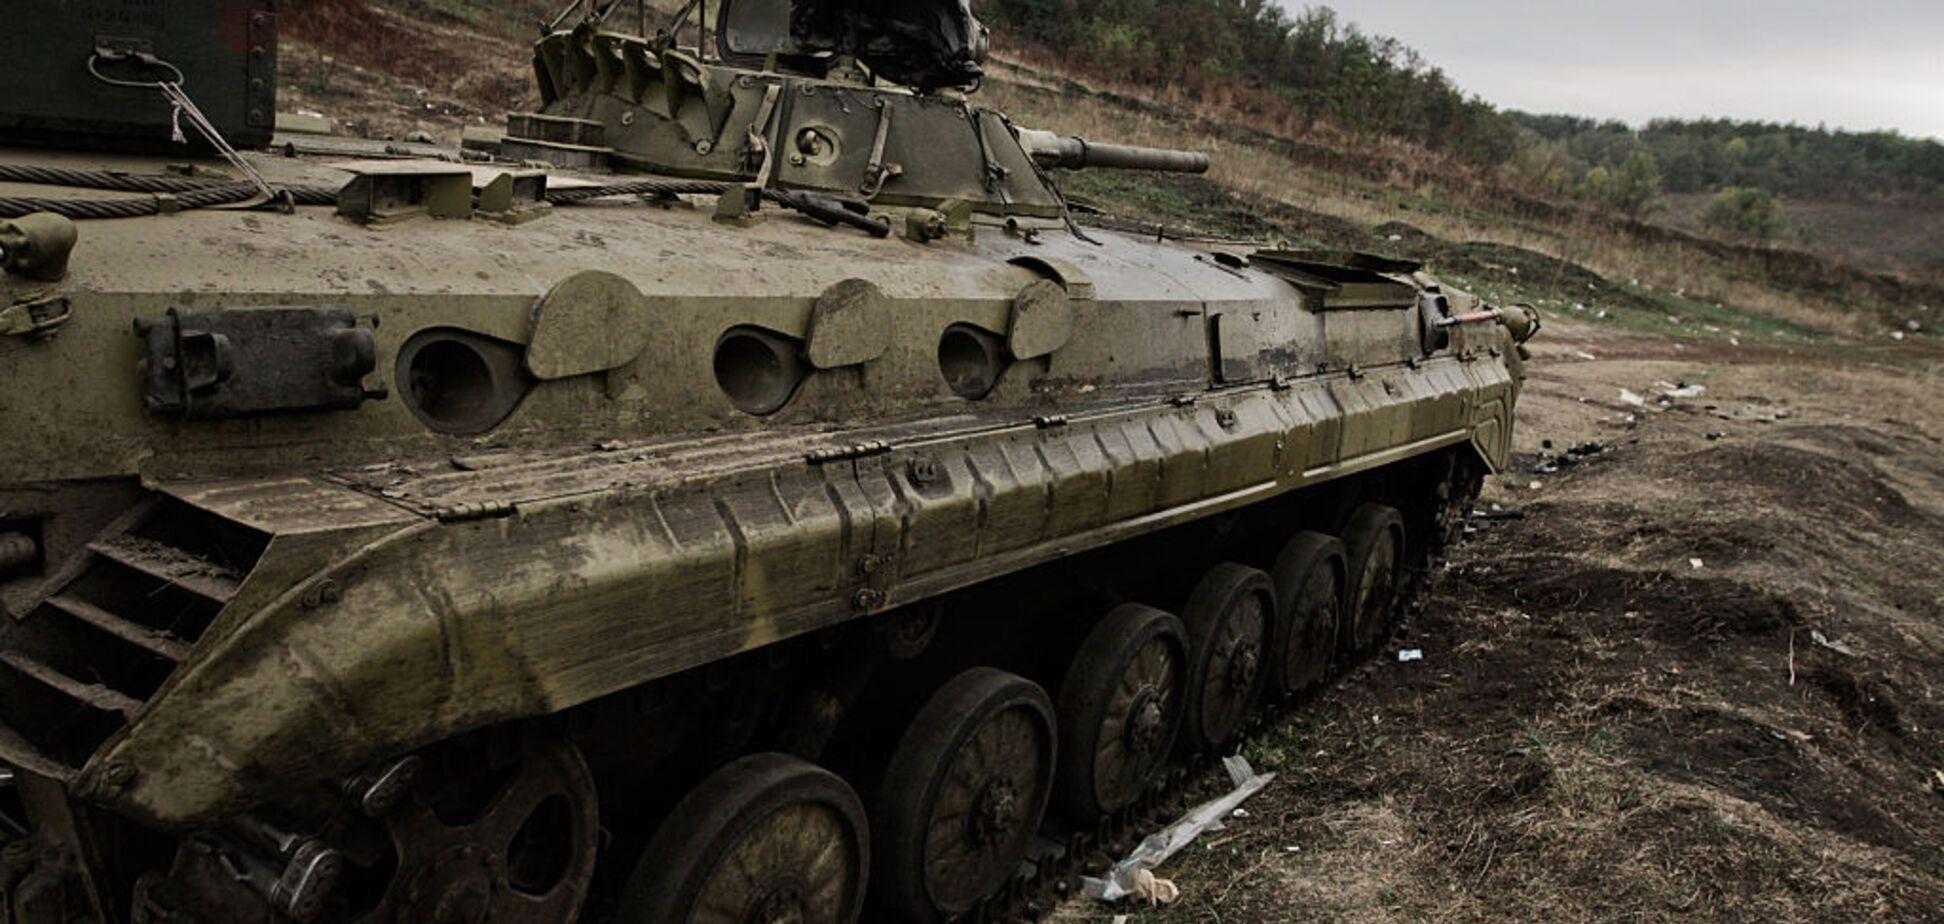 АТО підійшла до кінця: Порошенко оголосив дату нової військової операції на Донбасі